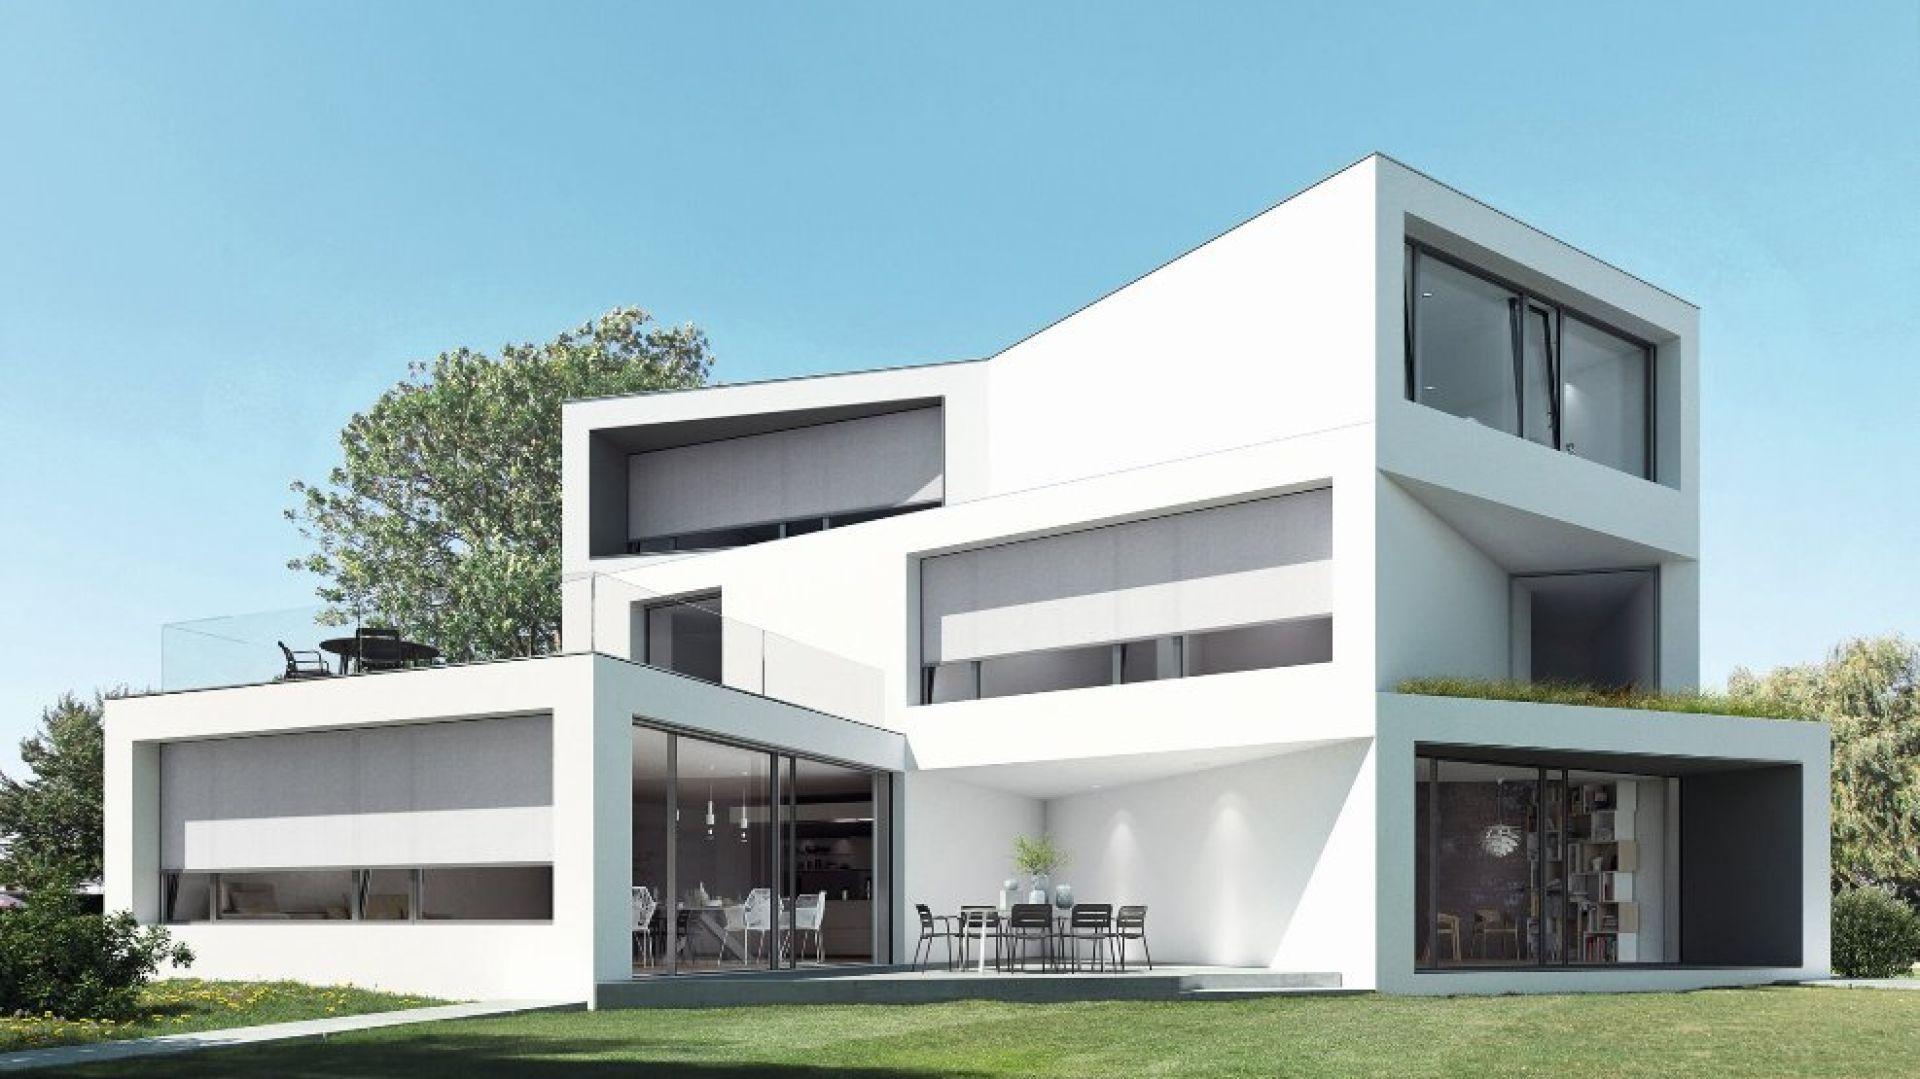 Podstawą do zapewnienia komfortowego mikroklimatu w budynku jest zapobieganie przegrzewaniu się pomieszczeń, poprzez zastosowanie skutecznej ochrony przeciwsłonecznej, zwłaszcza jeśli elewacja jest mocno przeszklona. Fot. Schüco